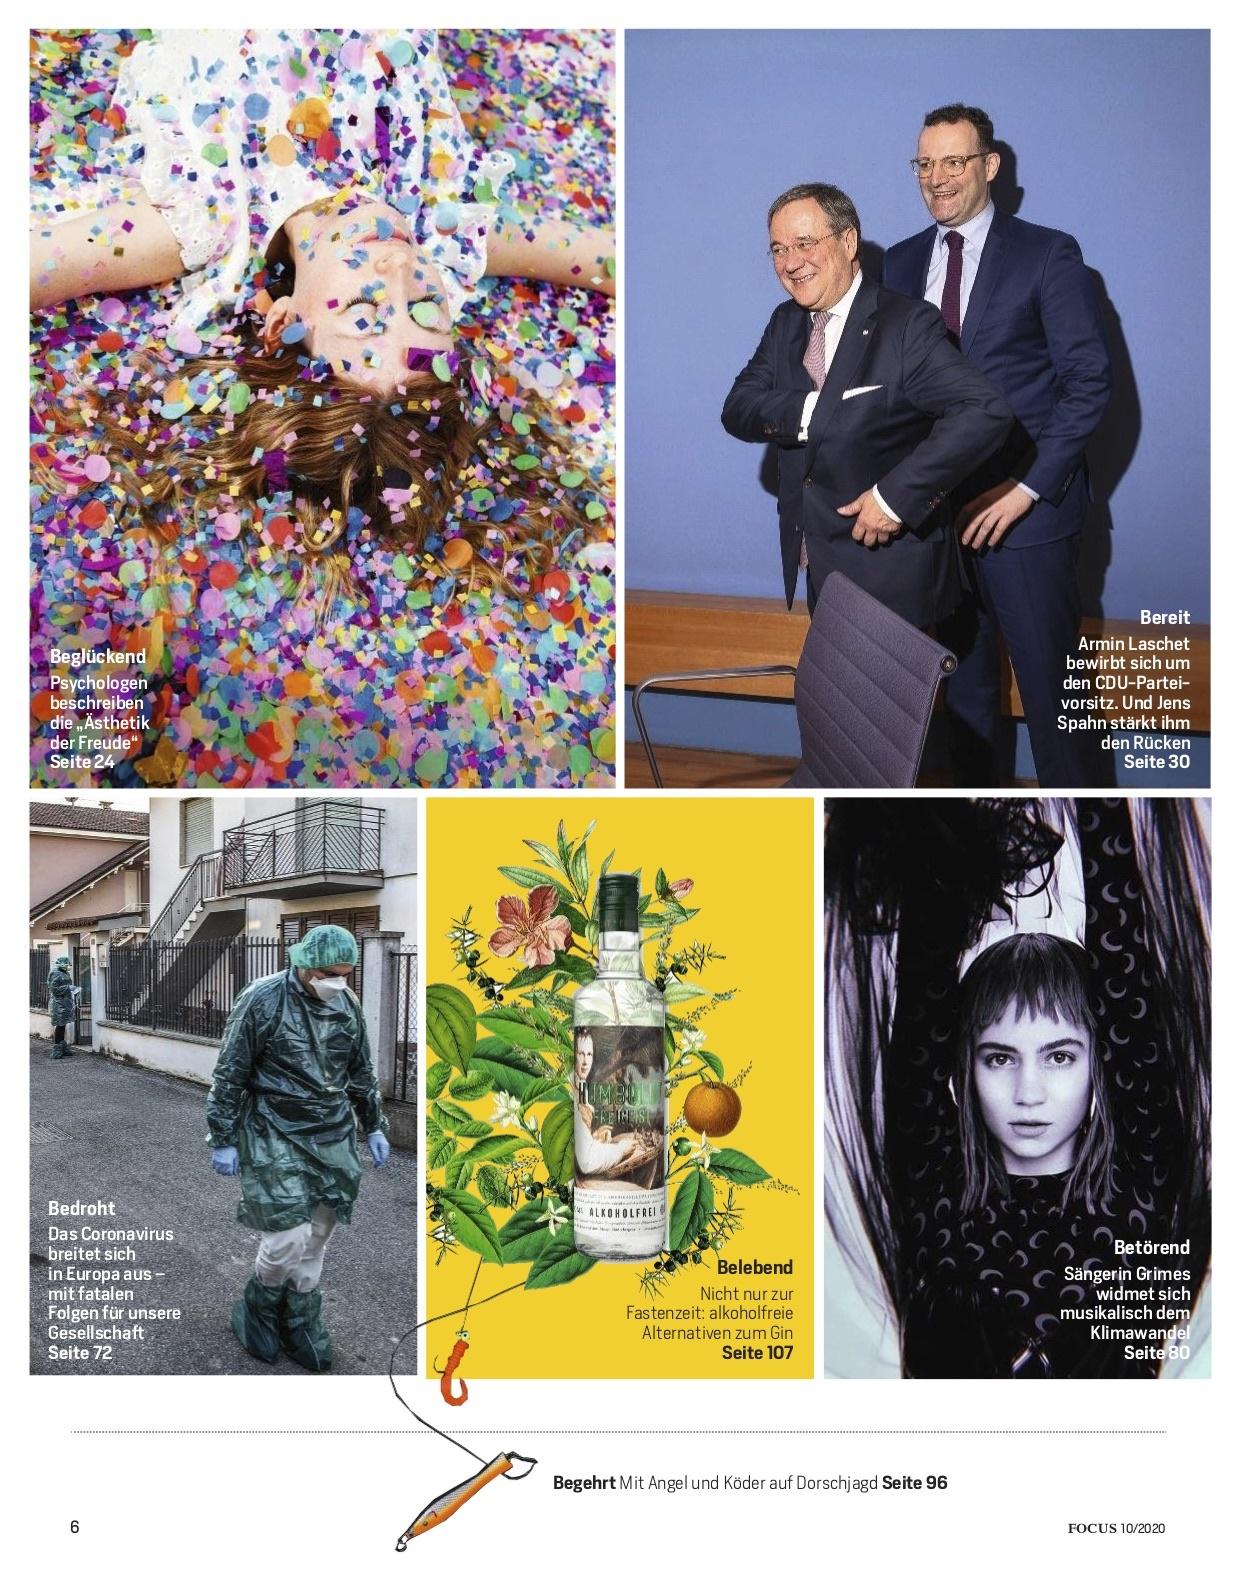 FOCUS Magazin FOCUS Magazin - Neustart für die Seele